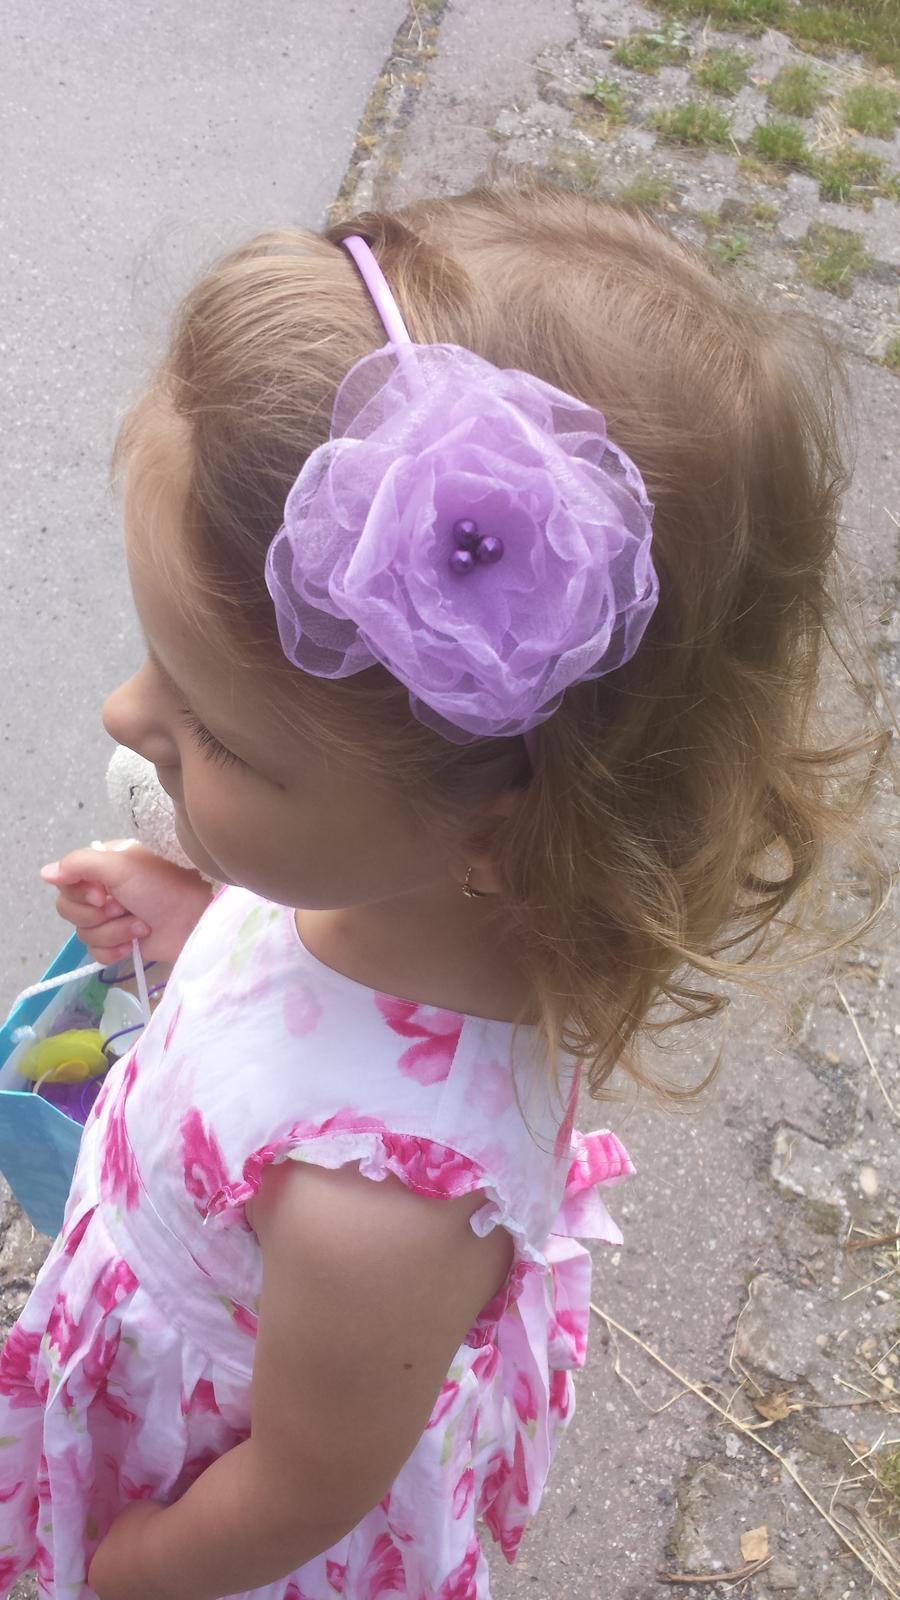 Lila čelenka pro družičku do vlasů  - Obrázek č. 1